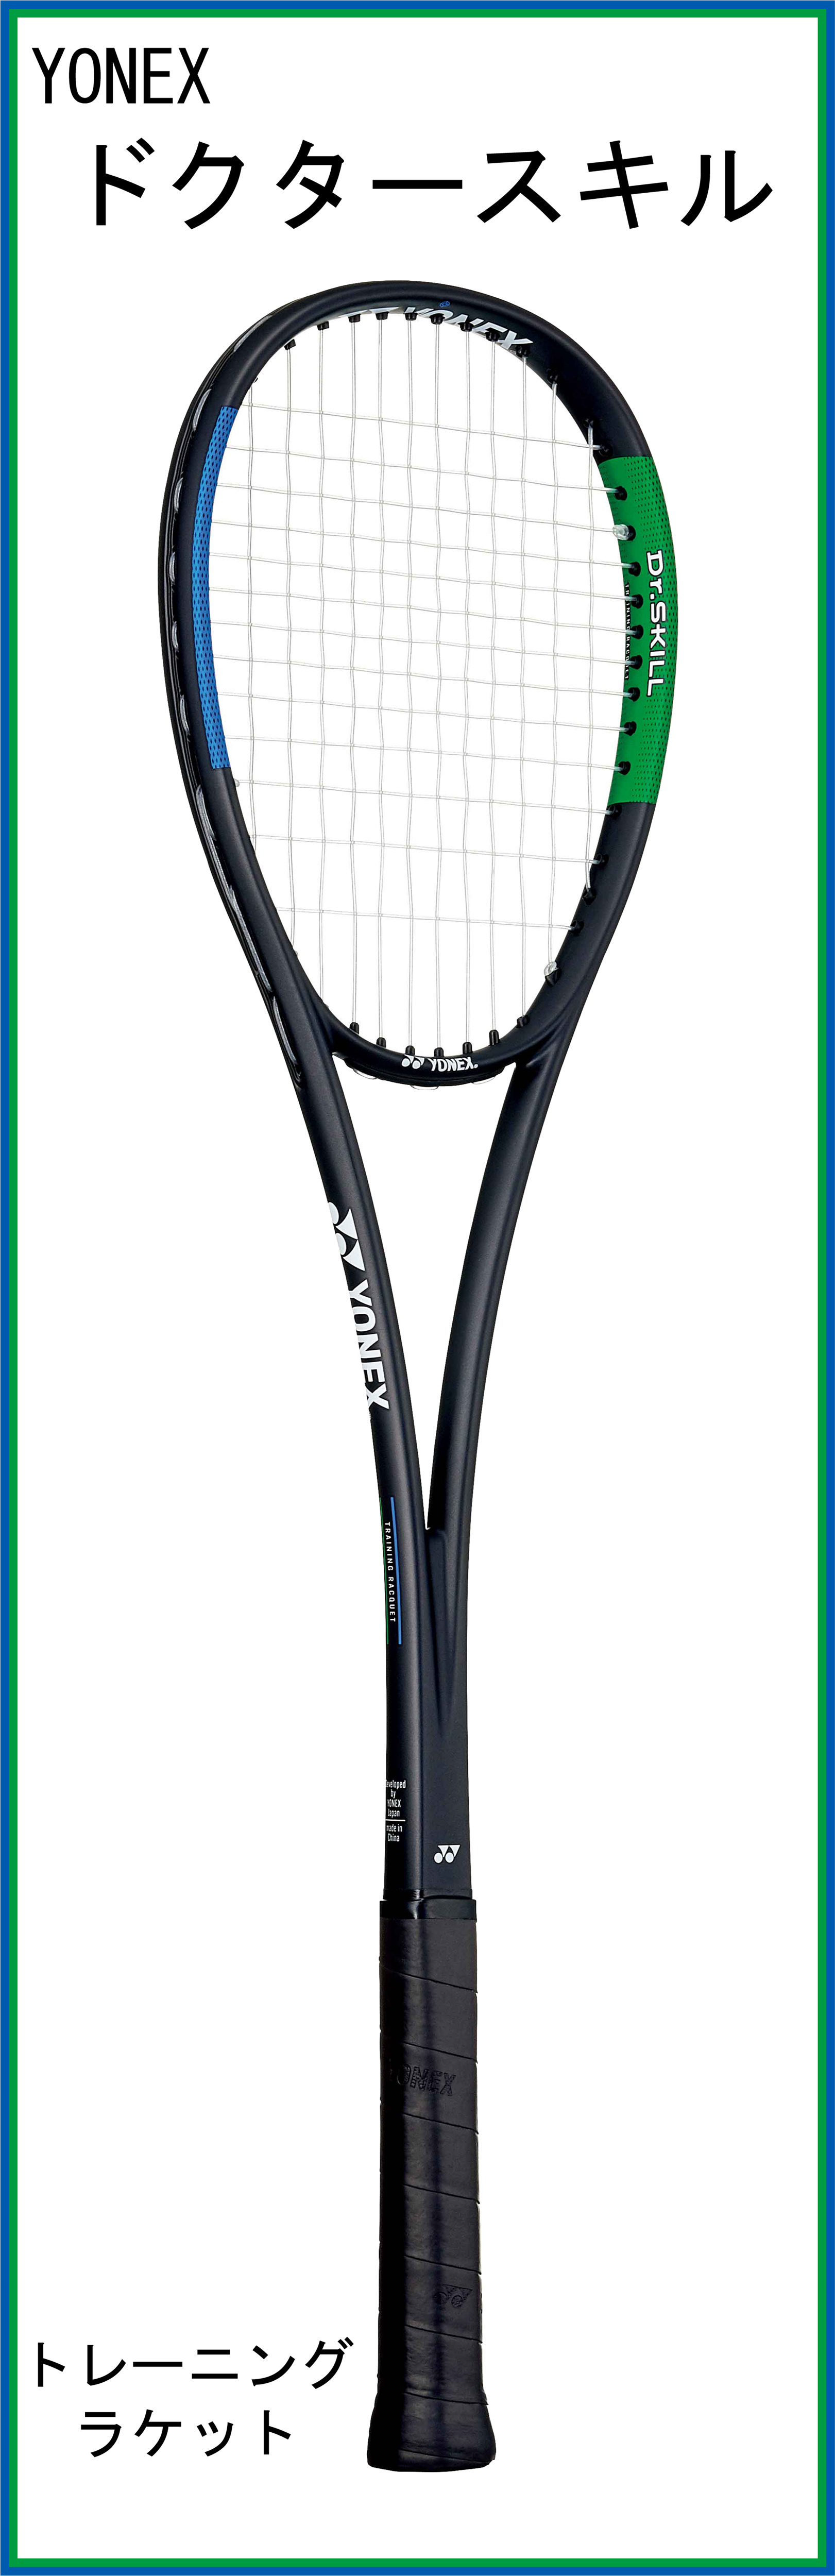 【新製品トレーニングラケット】 ヨネックス Dr.SKILL ドクタースキル (DRSKG) (2021年7月発売)